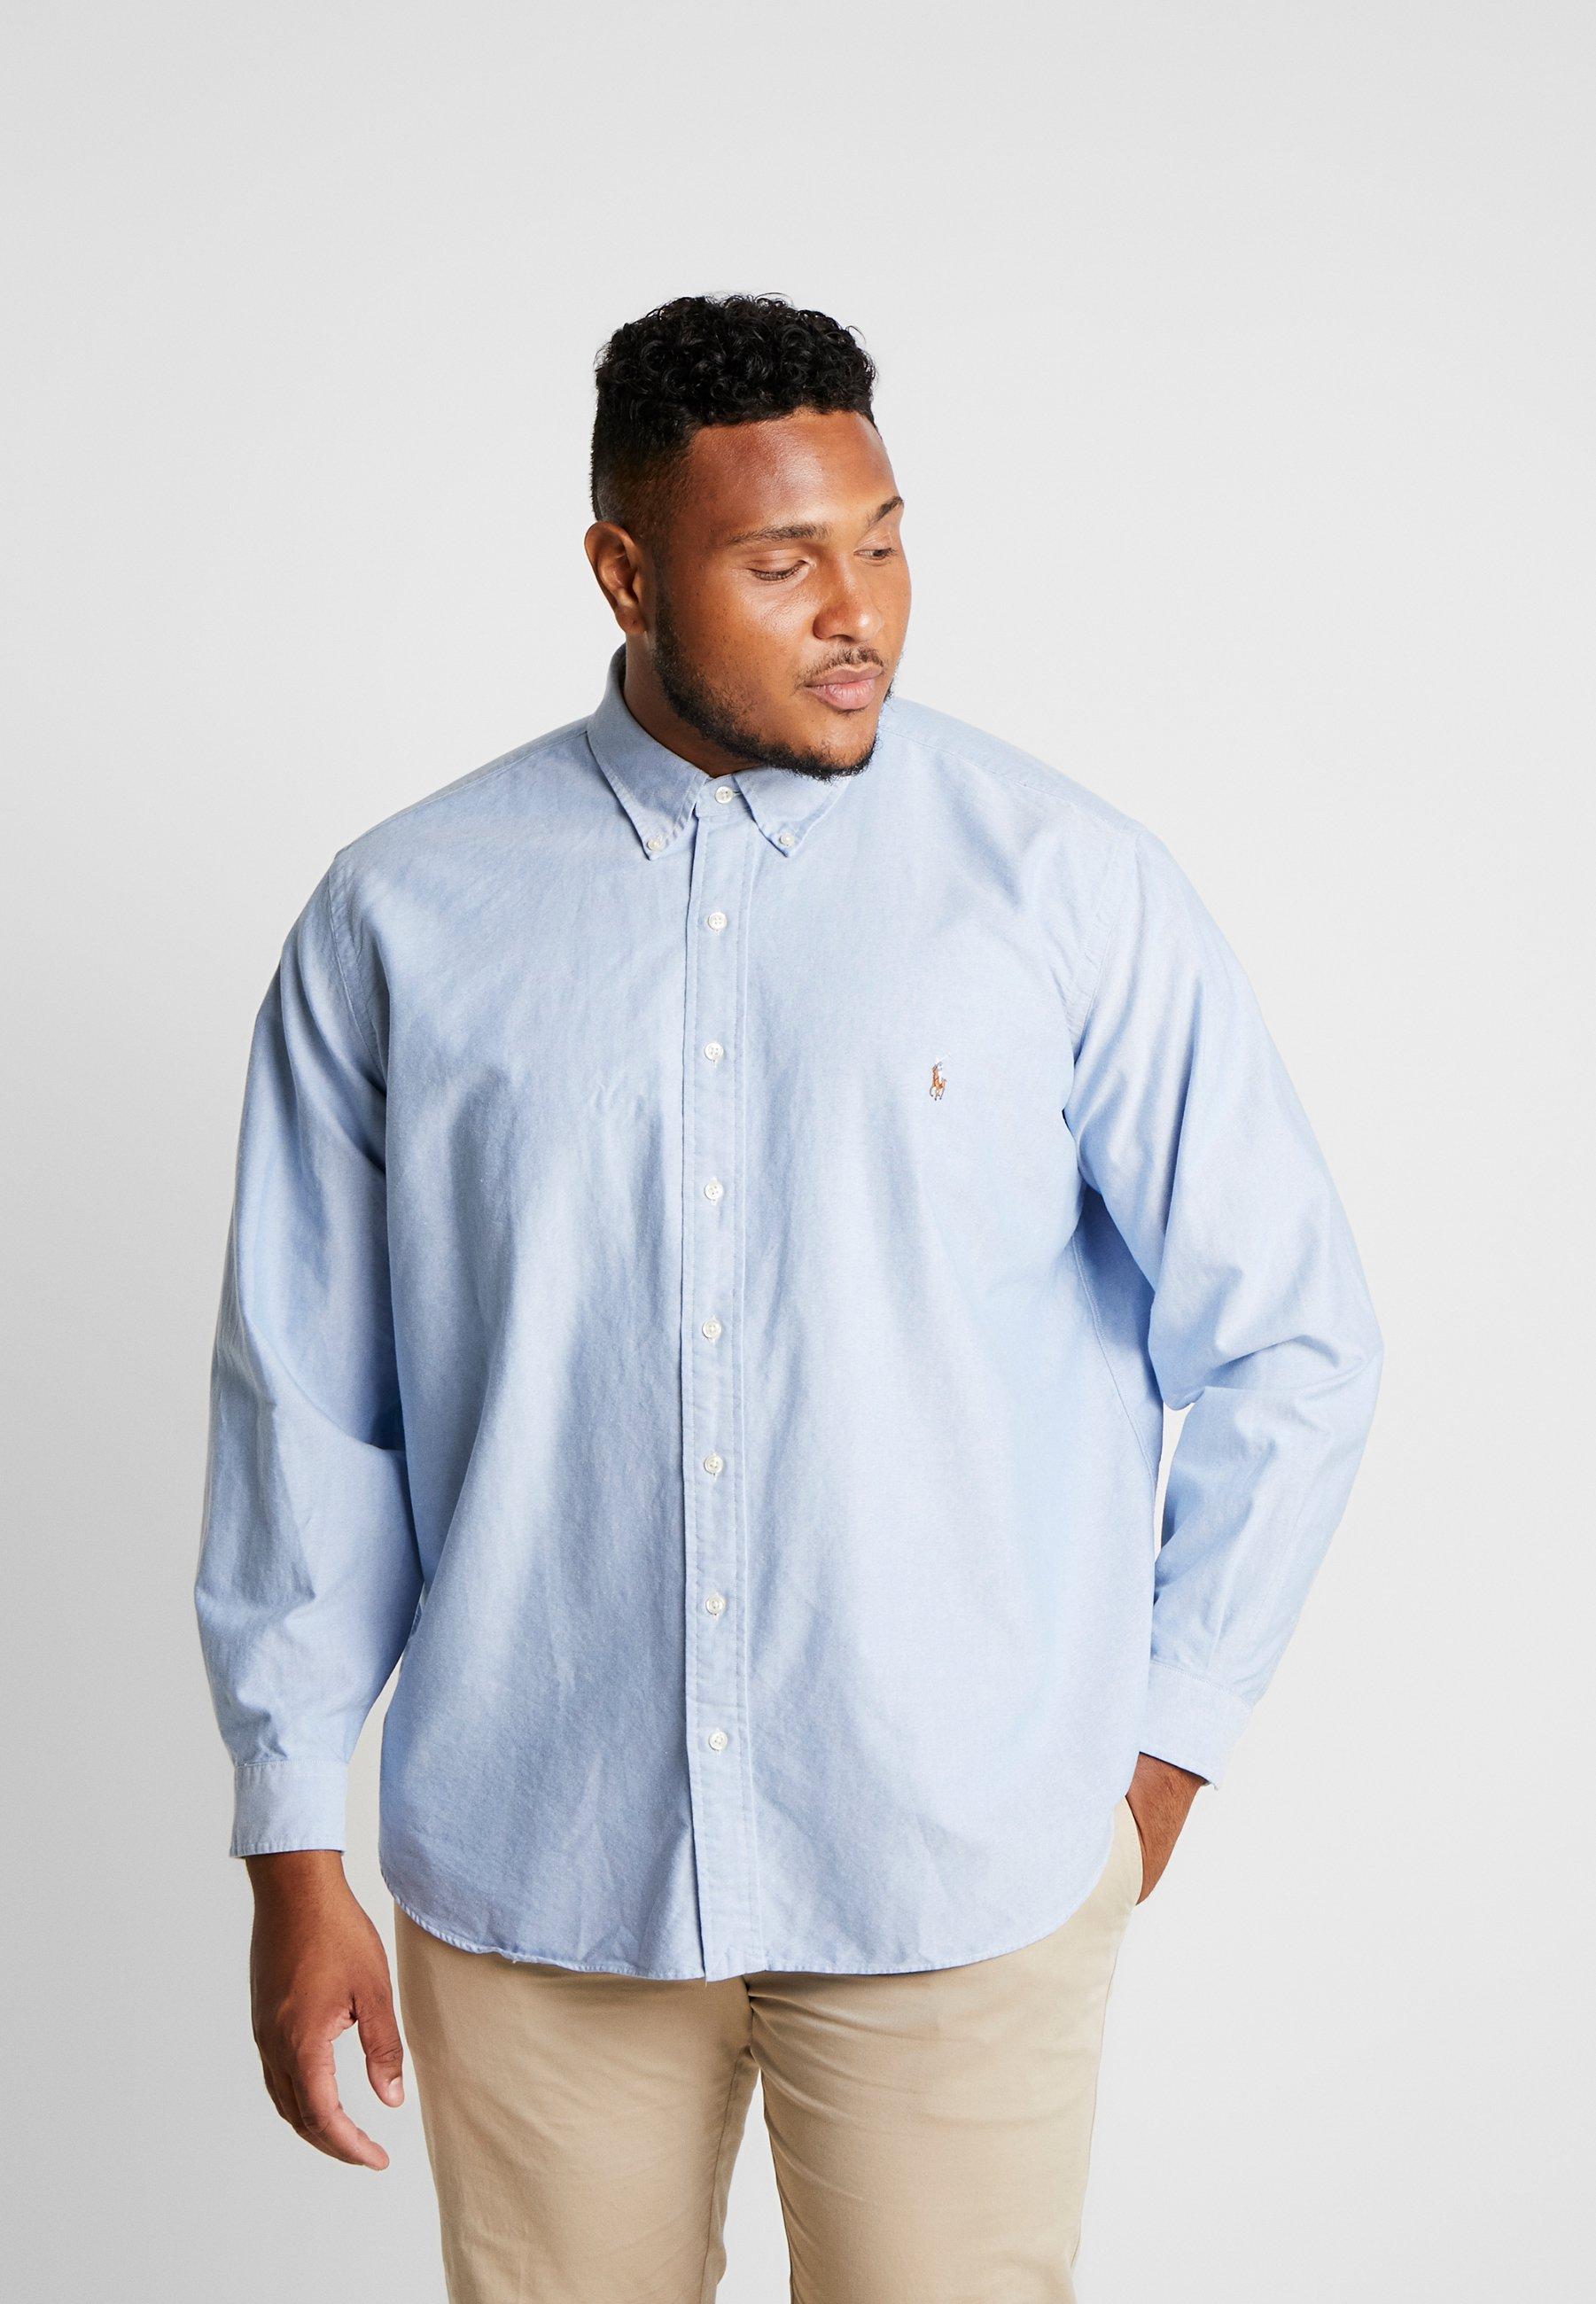 2020 Miesten vaatteet Sarja dfKJIUp97454sfGHYHD Polo Ralph Lauren Big & Tall OXFORD Vapaa-ajan kauluspaita blue